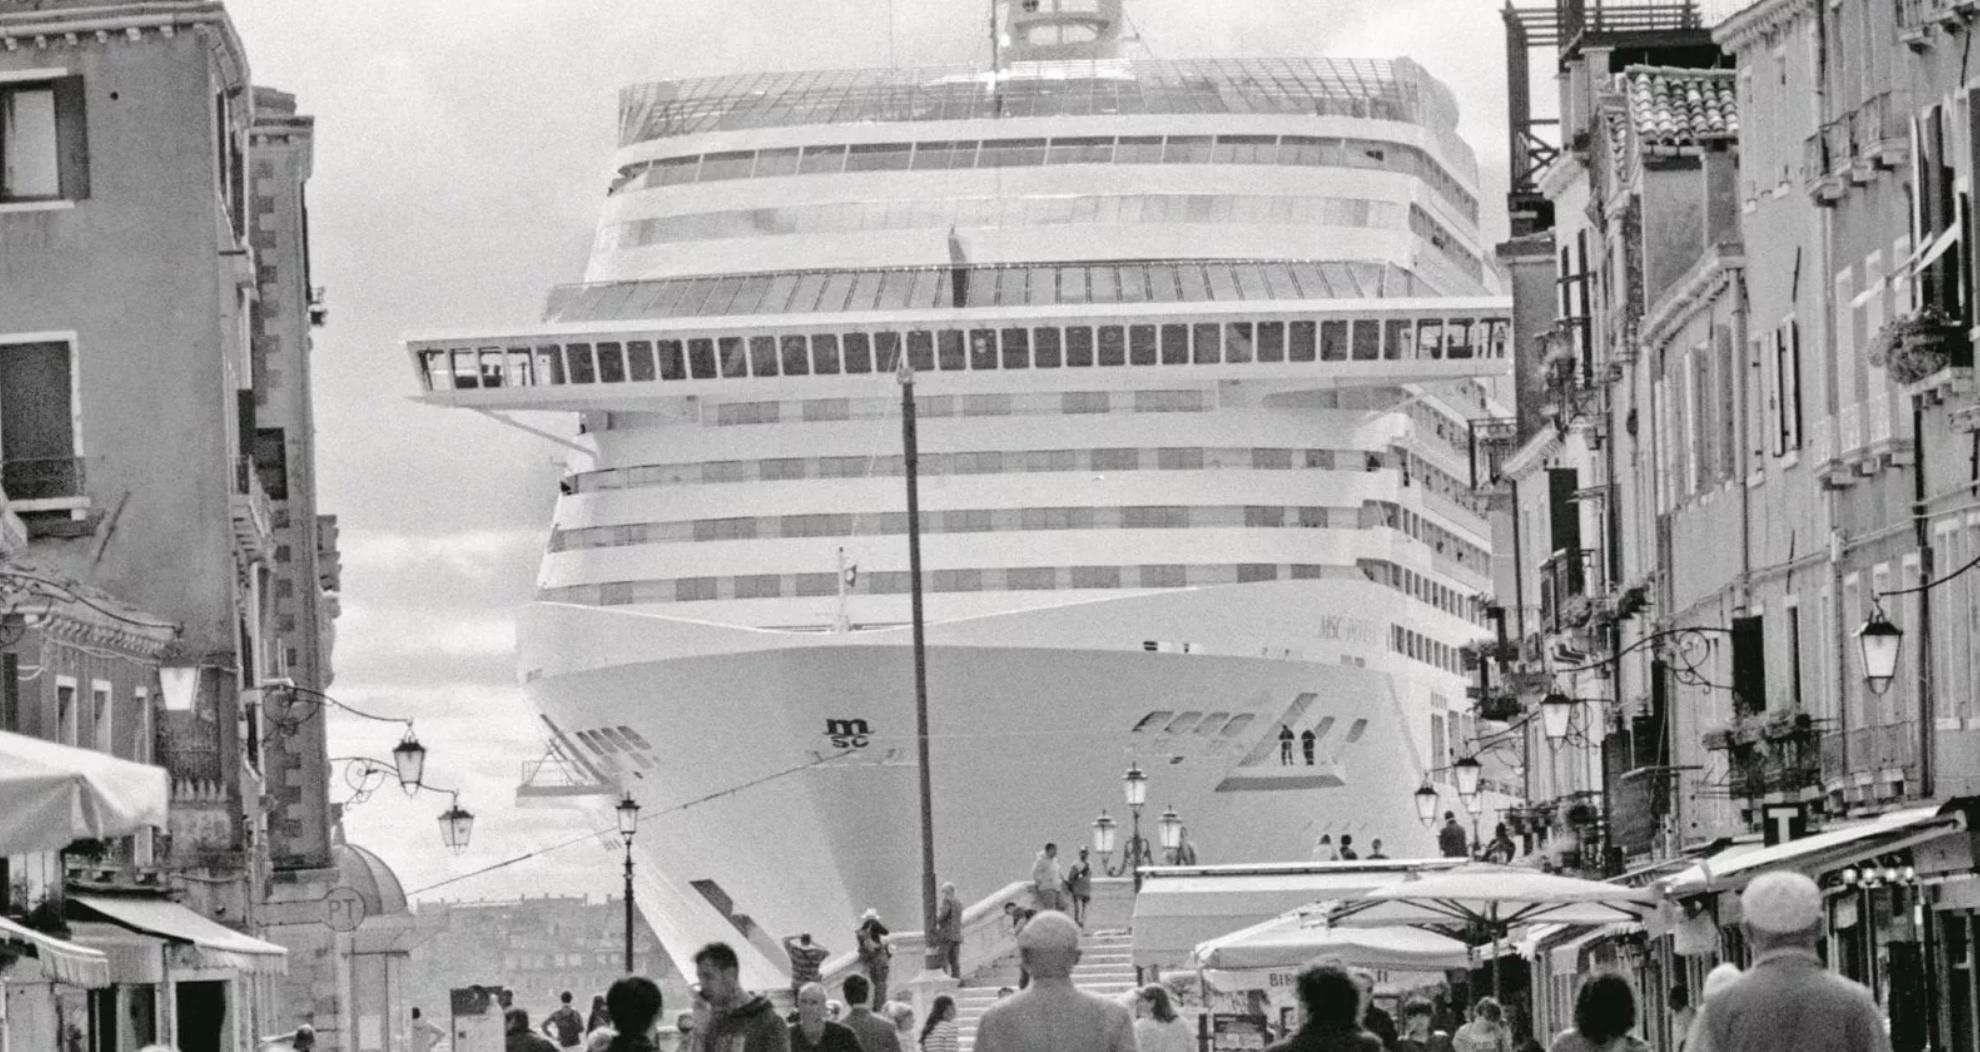 Cazzeggio italiota. Adesso tutti vogliono le navi da crociera fuori da Venezia. Ma nessuno fa niente